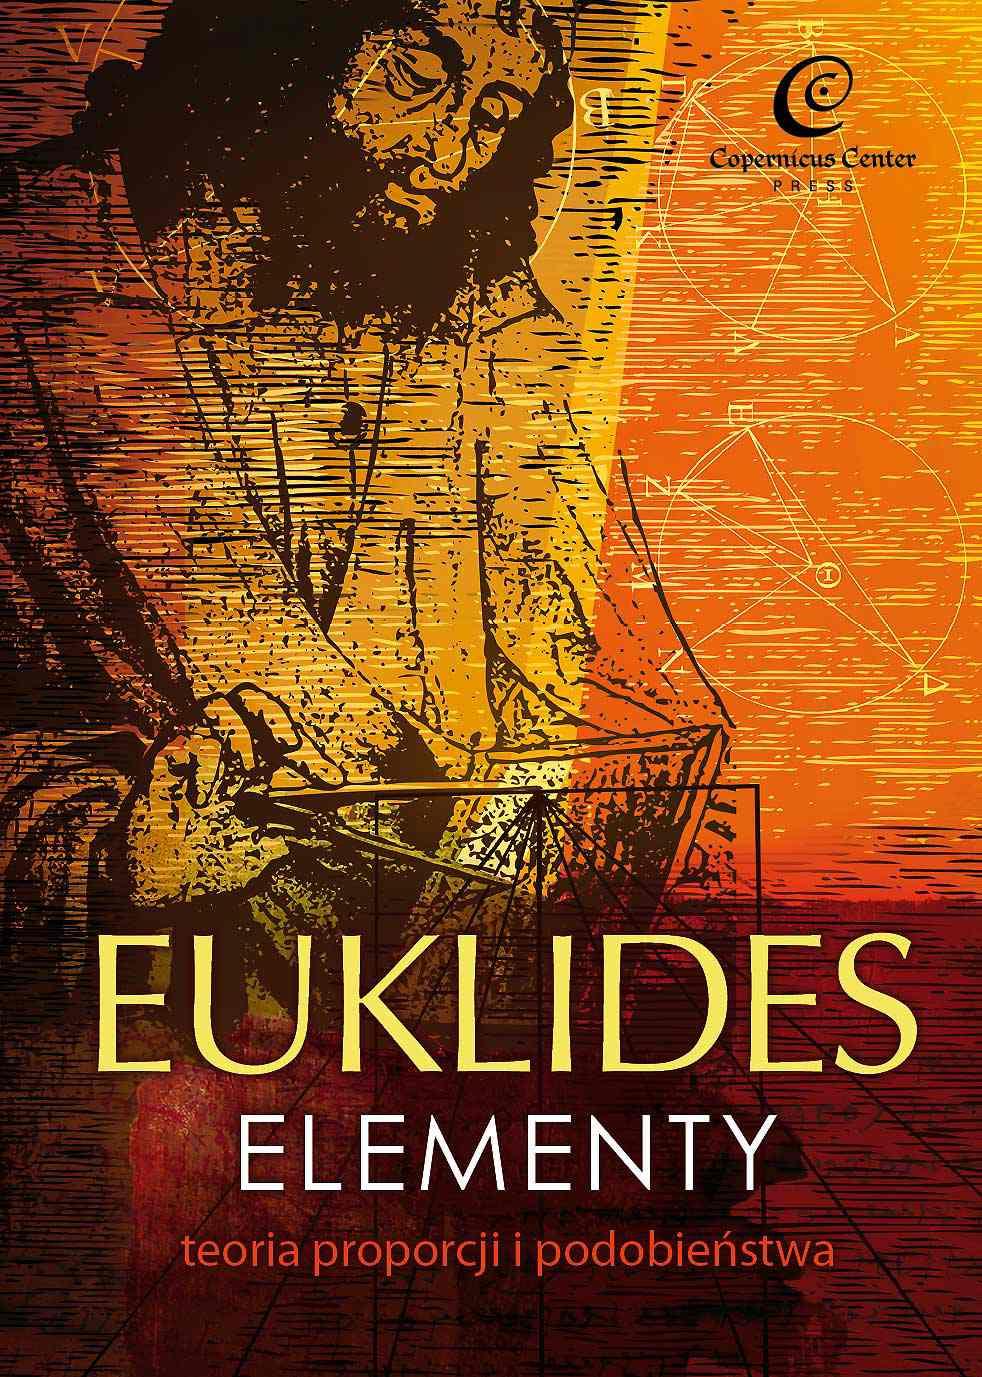 Euklides. Elementy - Ebook (Książka EPUB) do pobrania w formacie EPUB